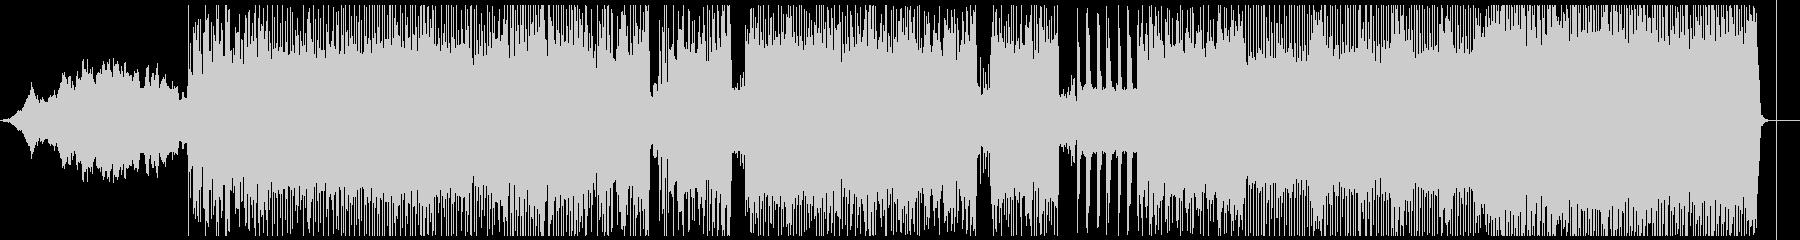 インストゥルメンタルロックソロ。エ...の未再生の波形